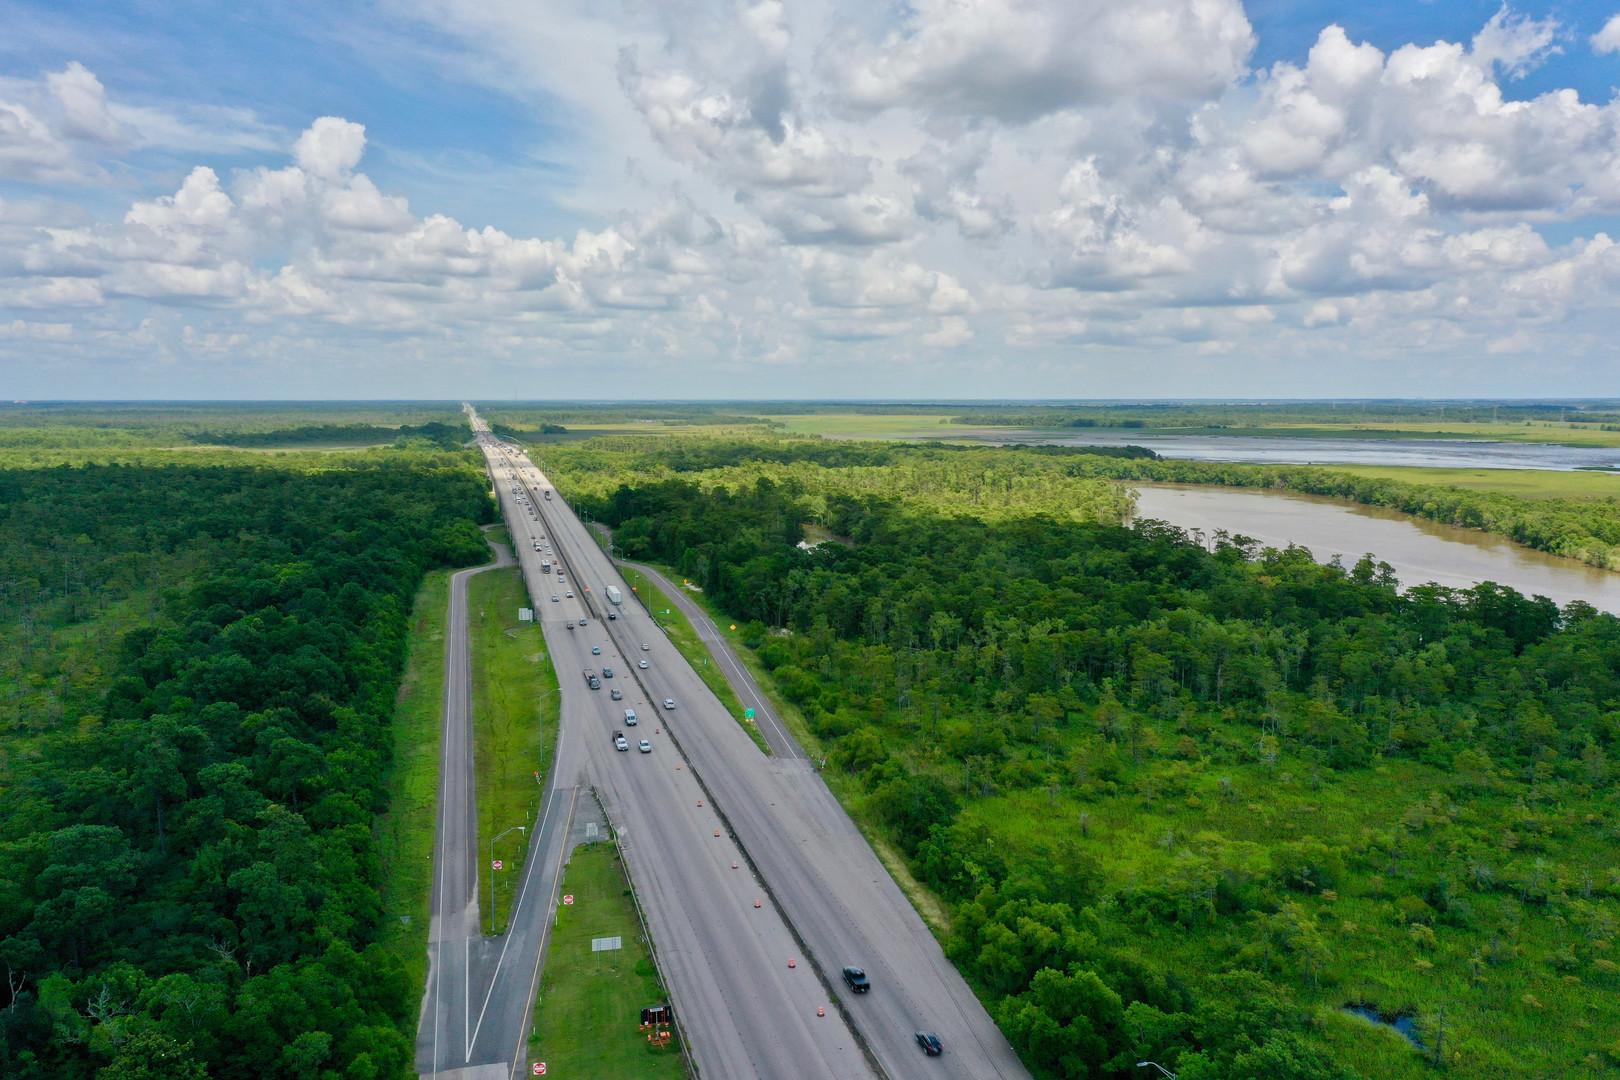 Crossing into Louisiana